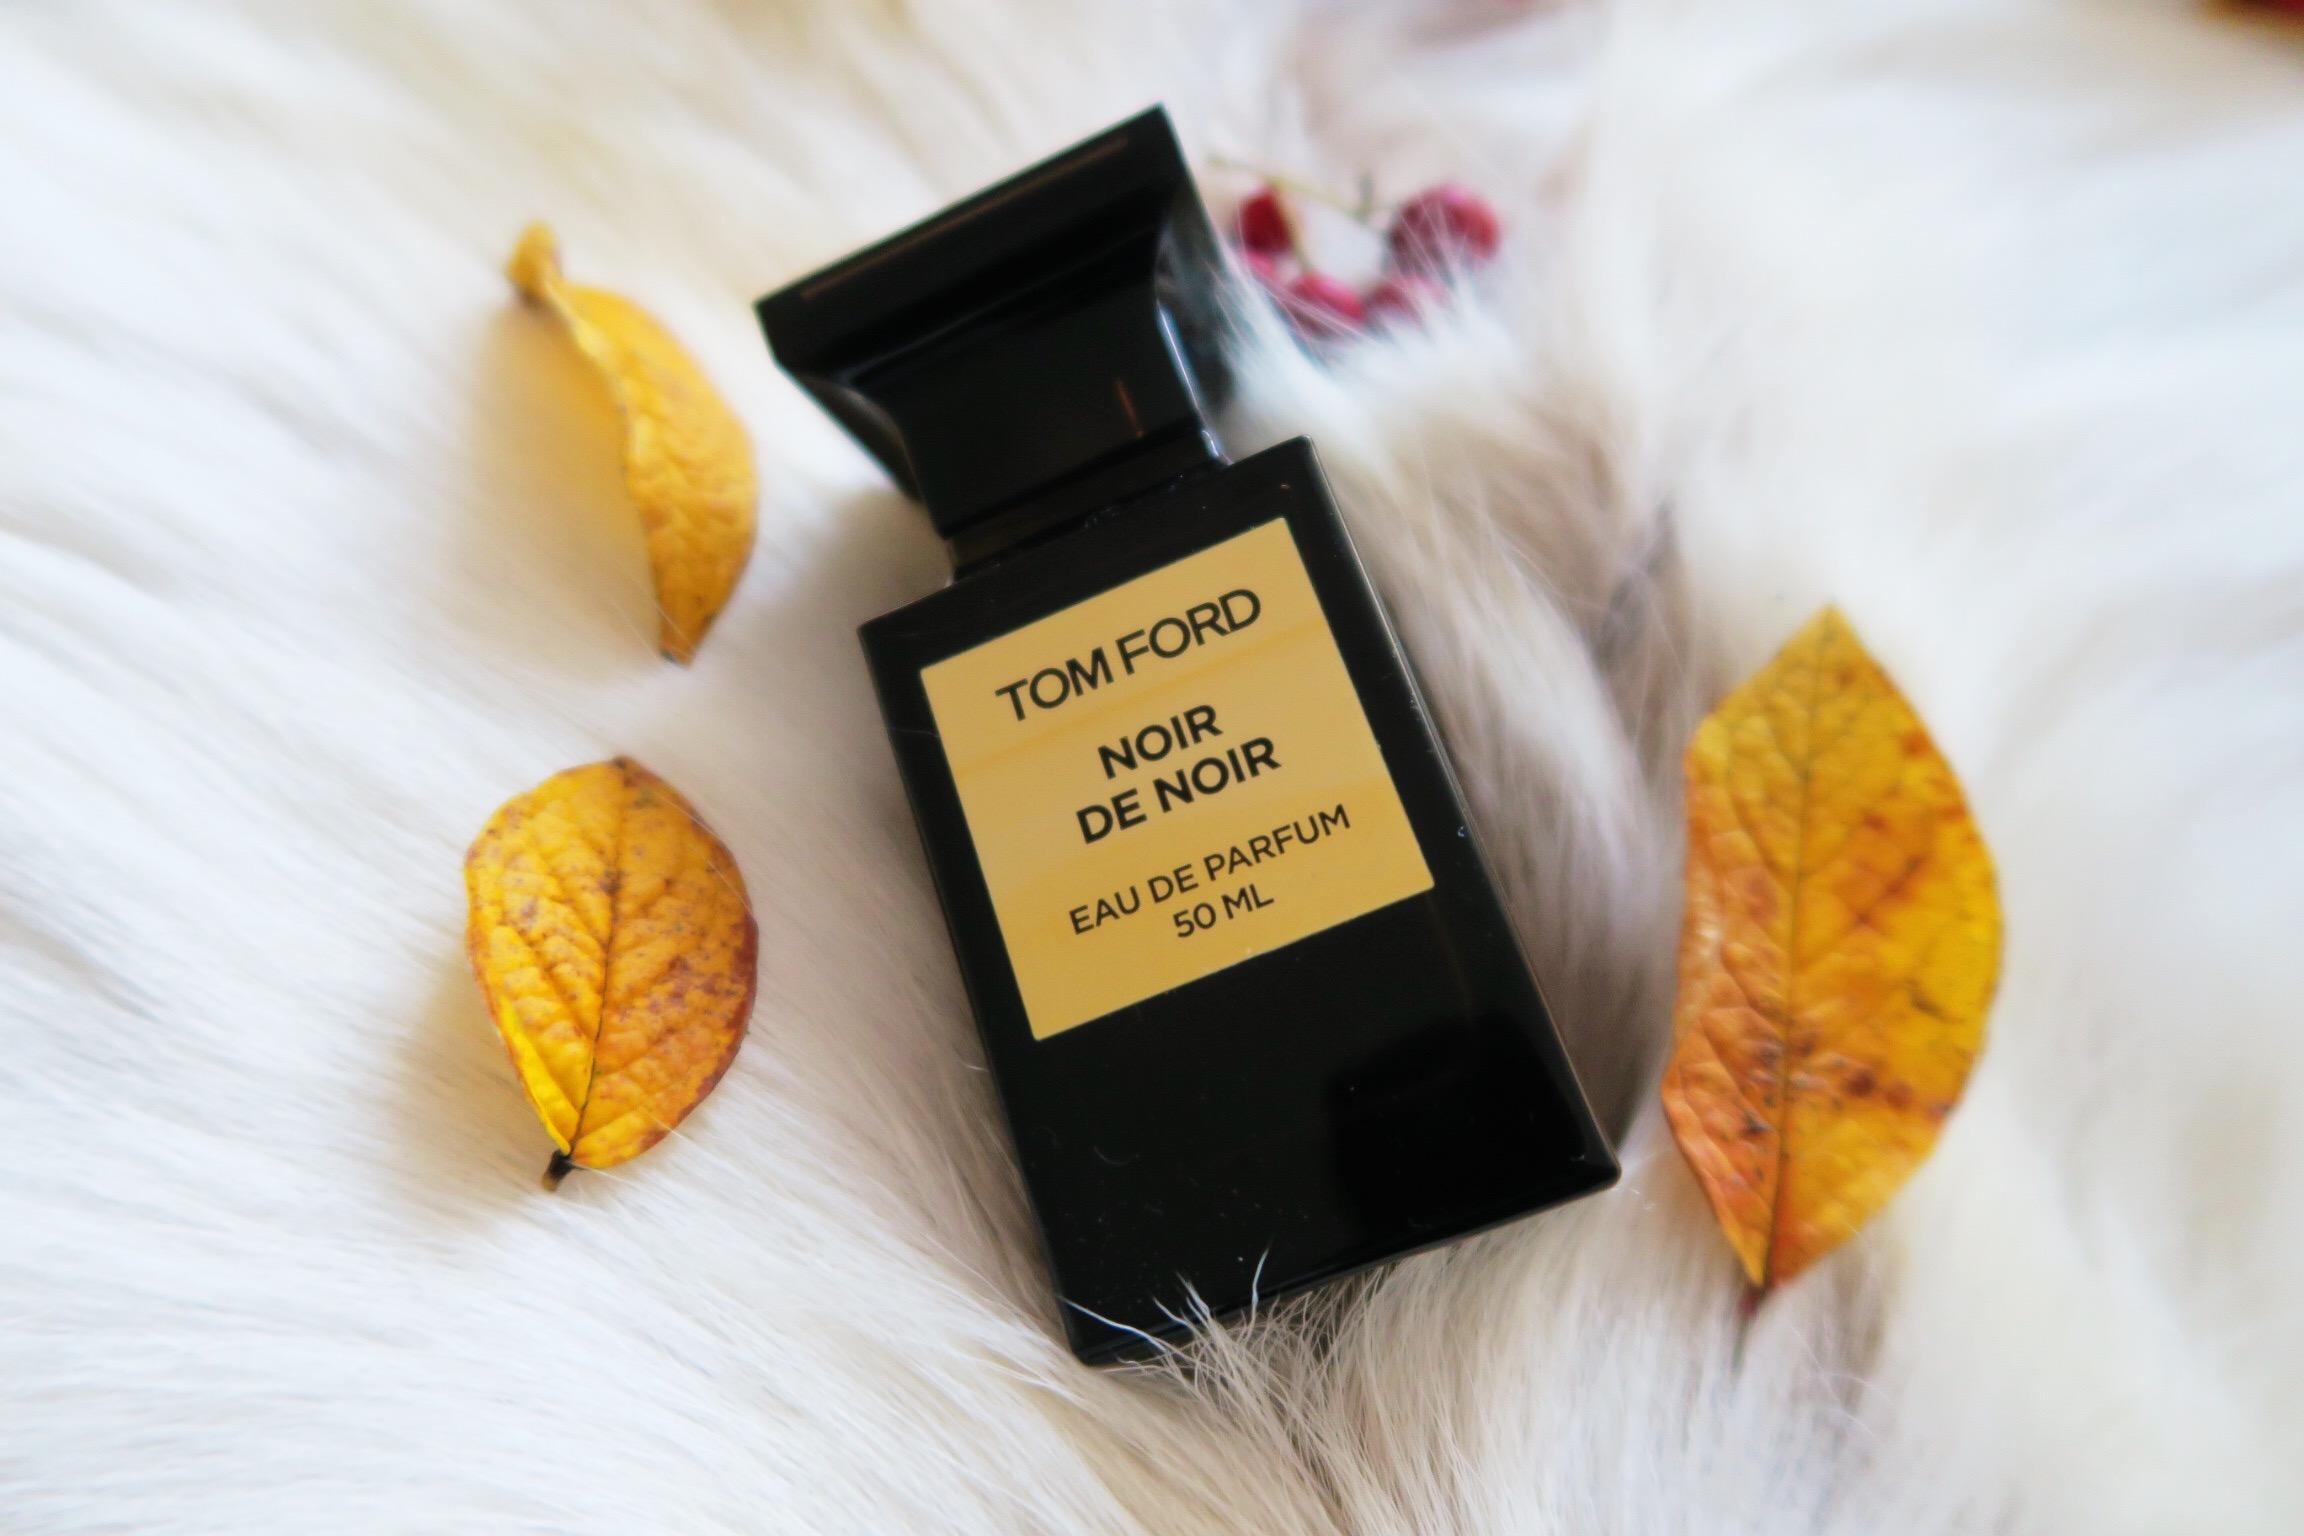 Noir De Noir by Tom Ford, £158 for 50ml.